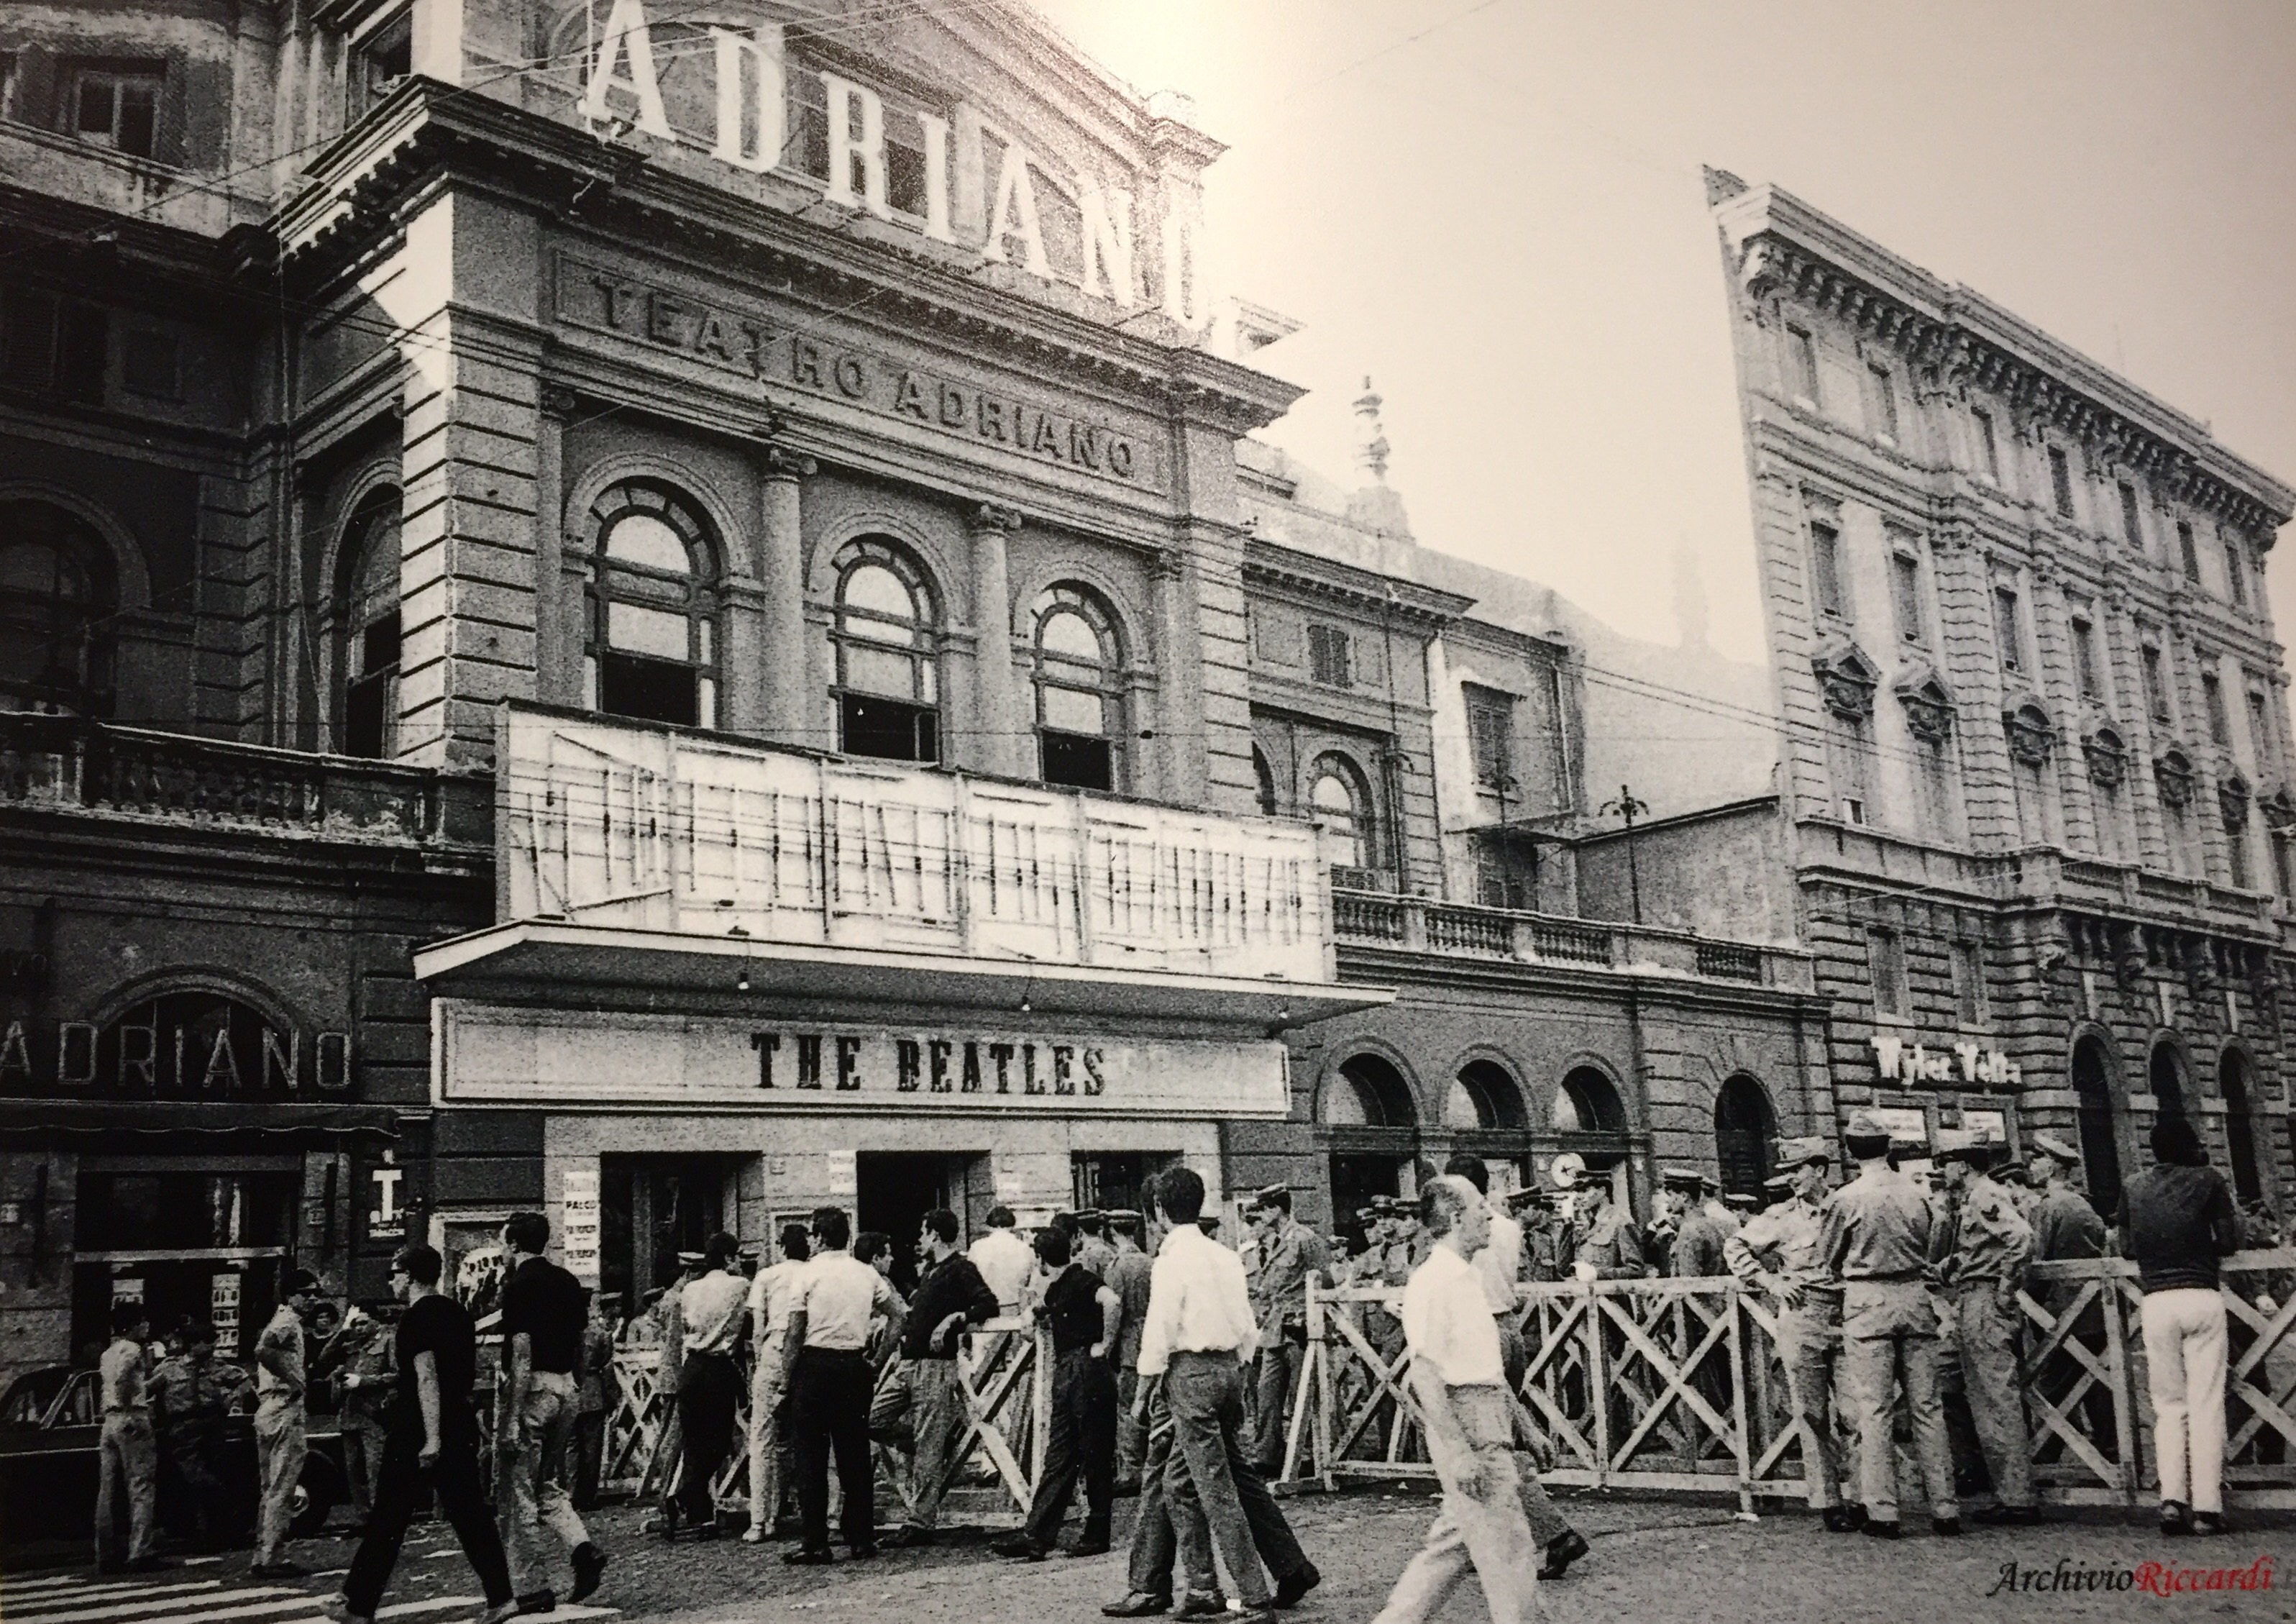 1965: The Beatles in Rome (Teatro Adriano). Fotografia di Carlo Riccardi in Archivio Riccardi